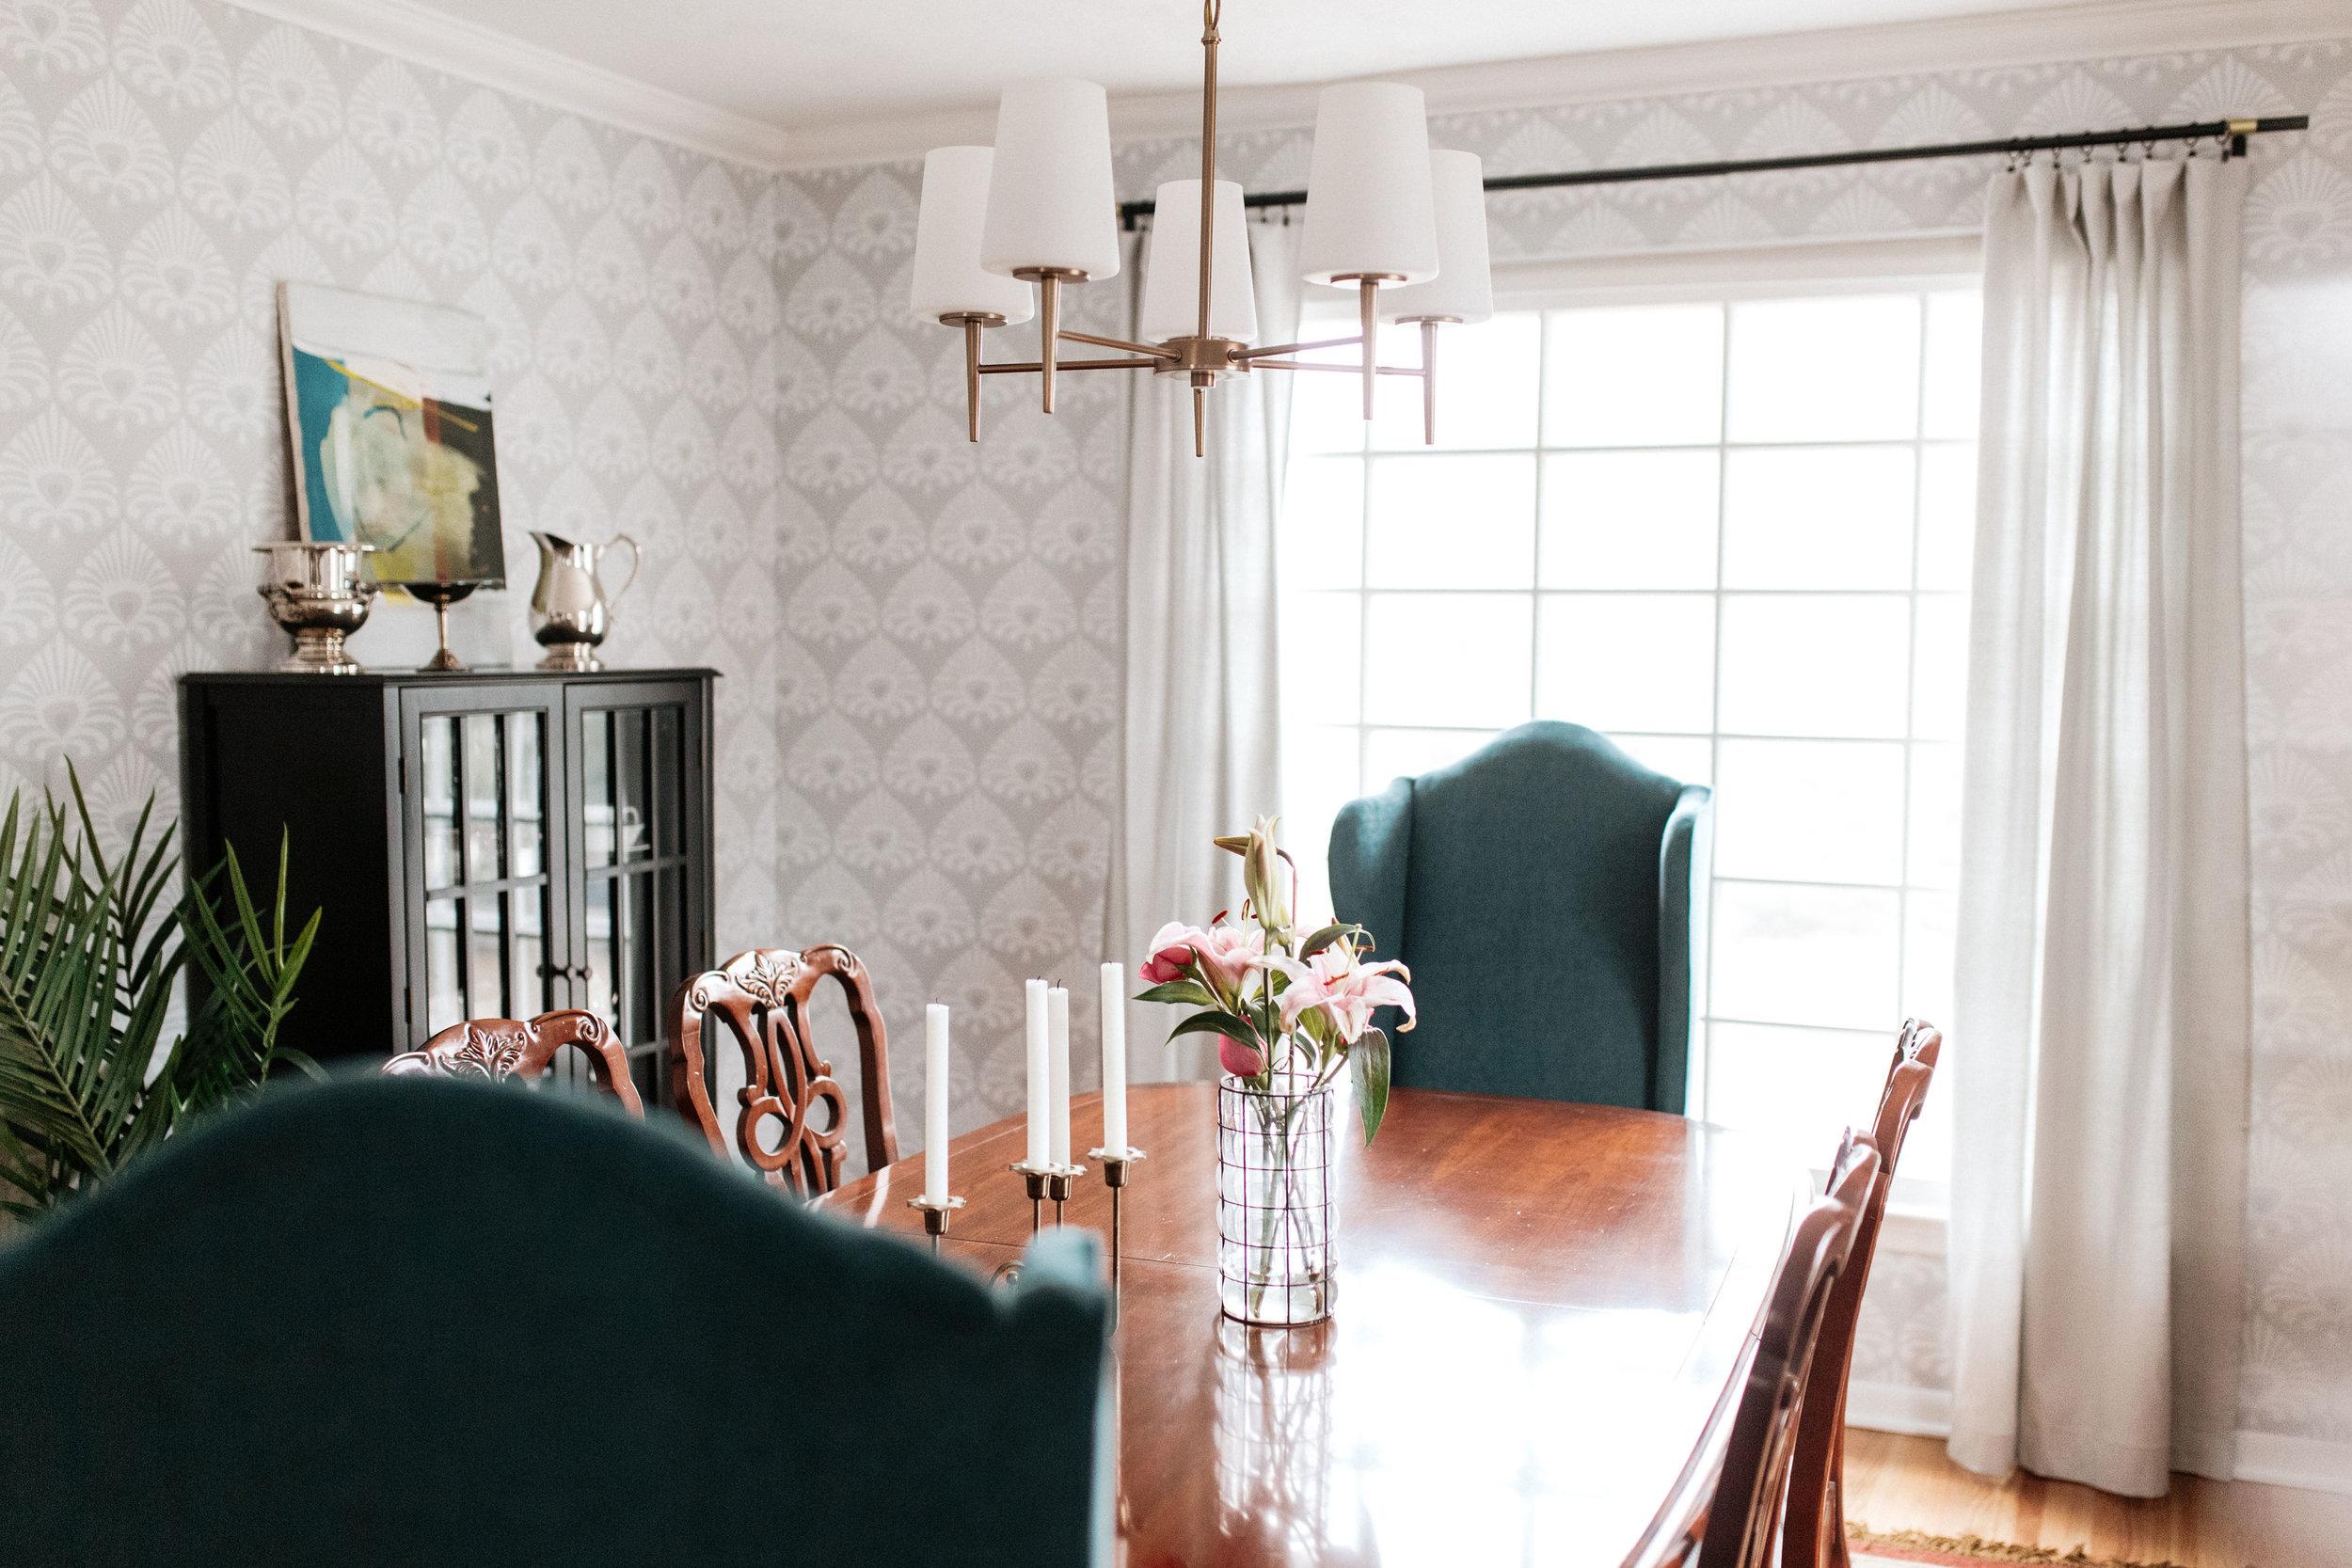 Retuned Traditional Dining Room1.jpg